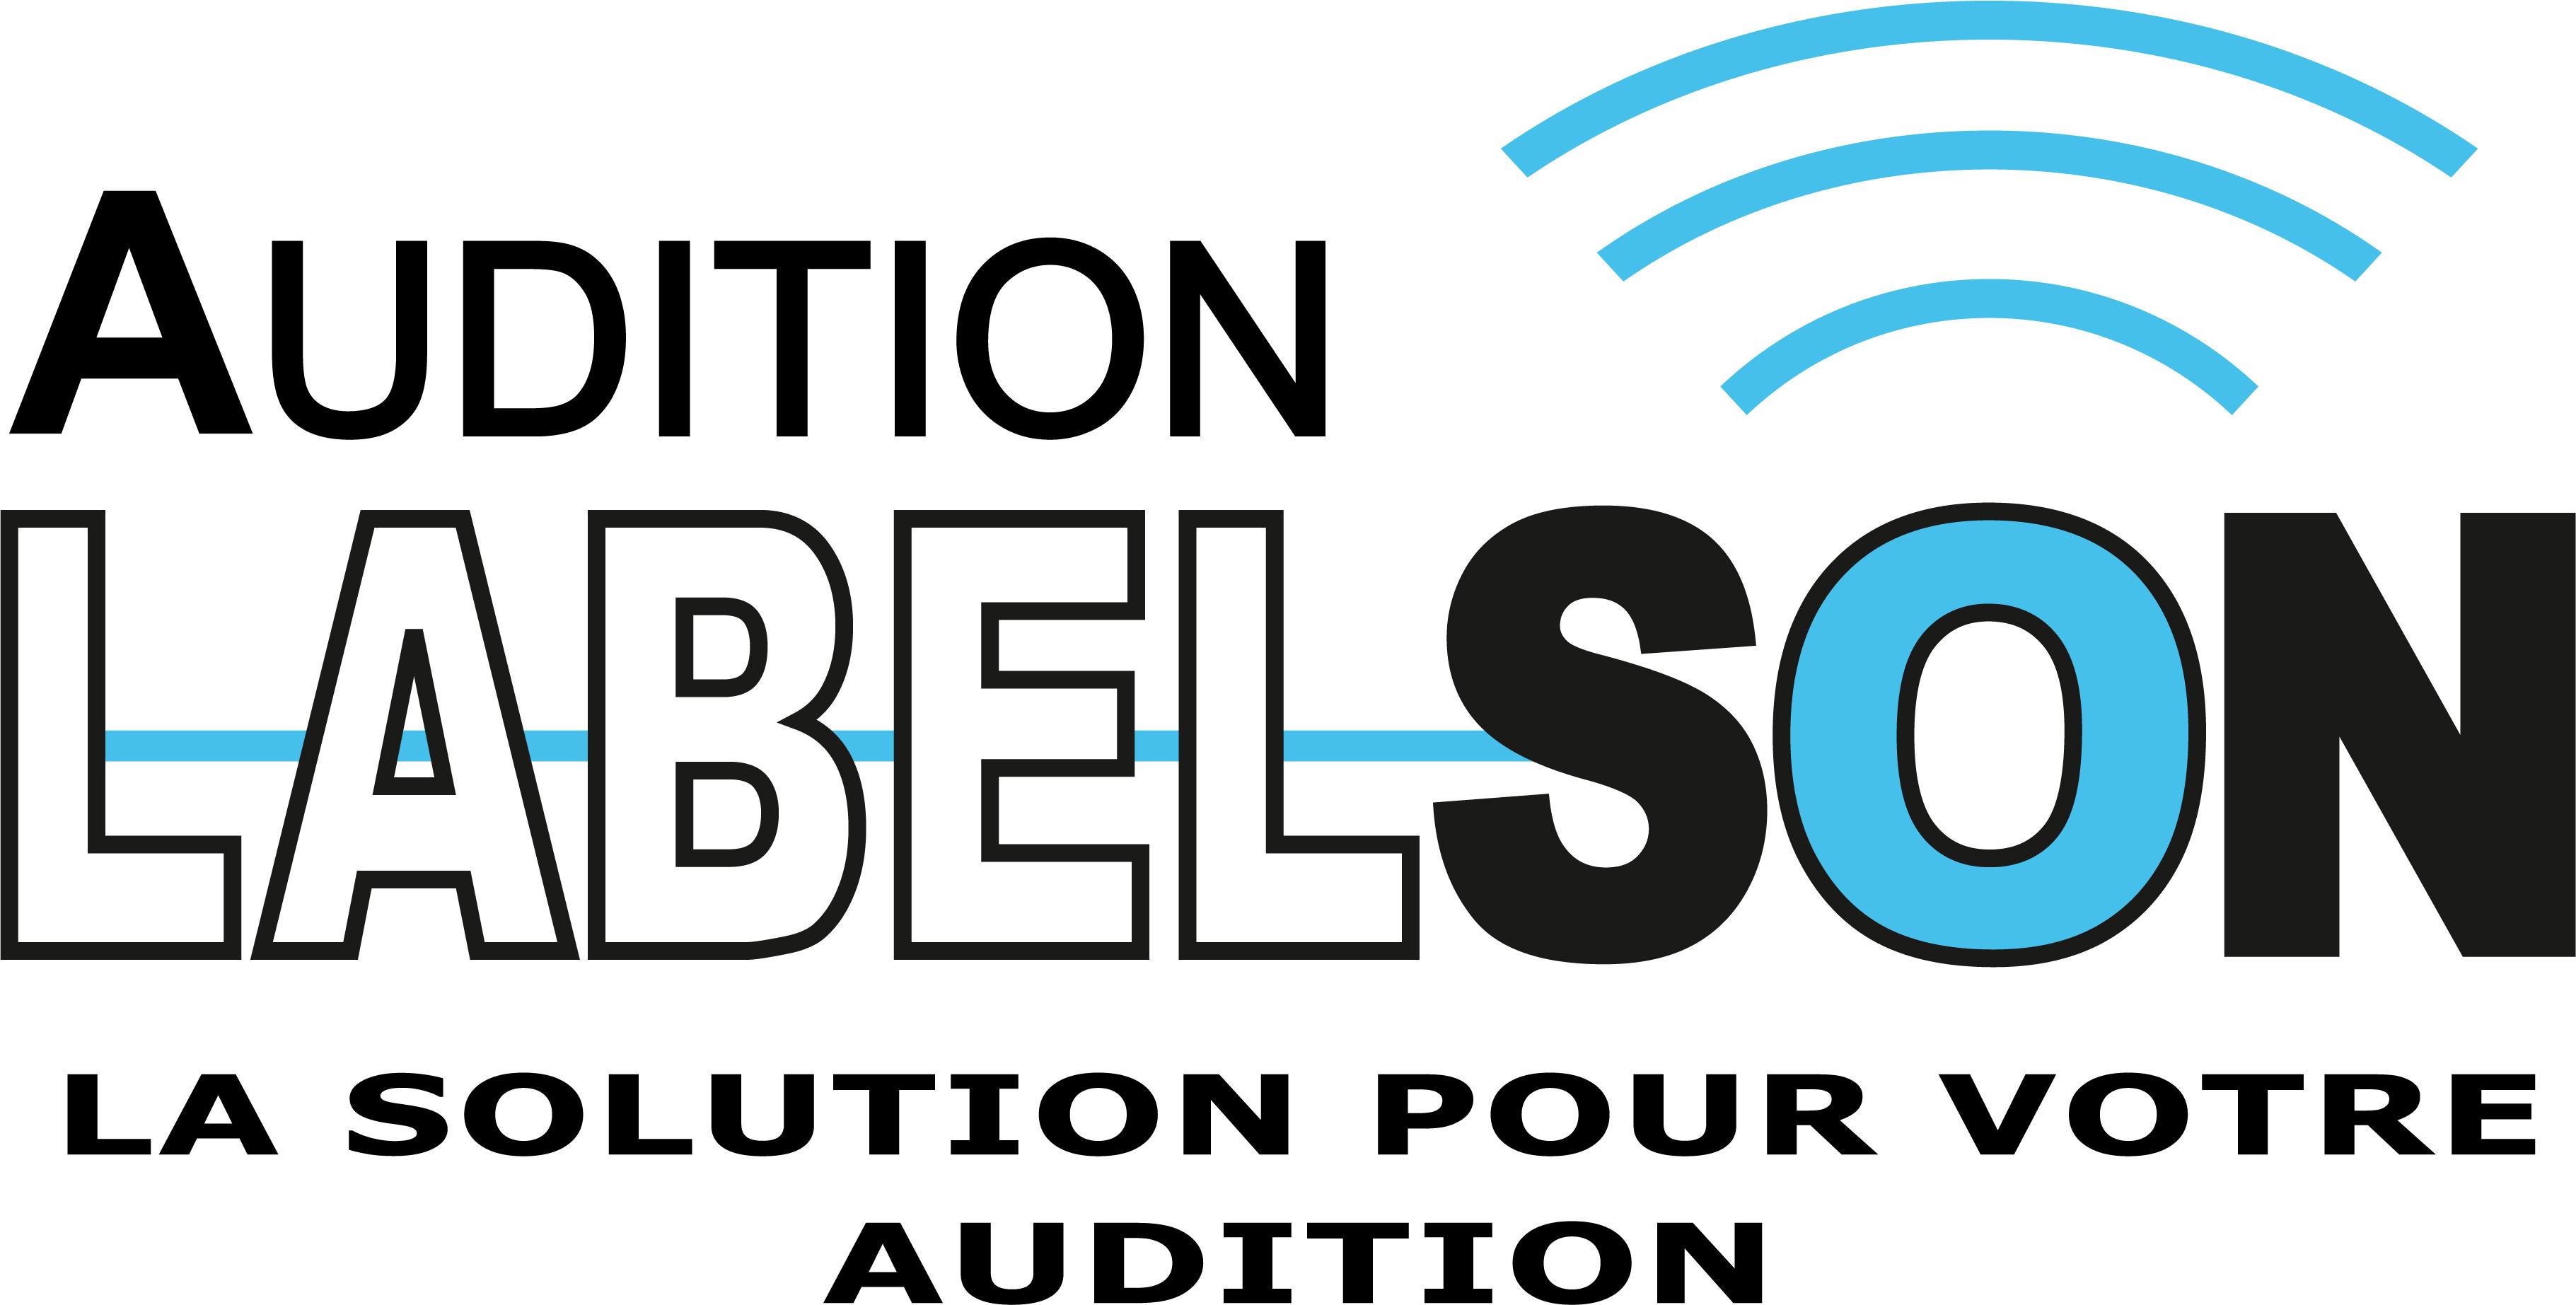 Audition Labelson appareil auditif à Mourenx, Nay et Arudy Maître Audio